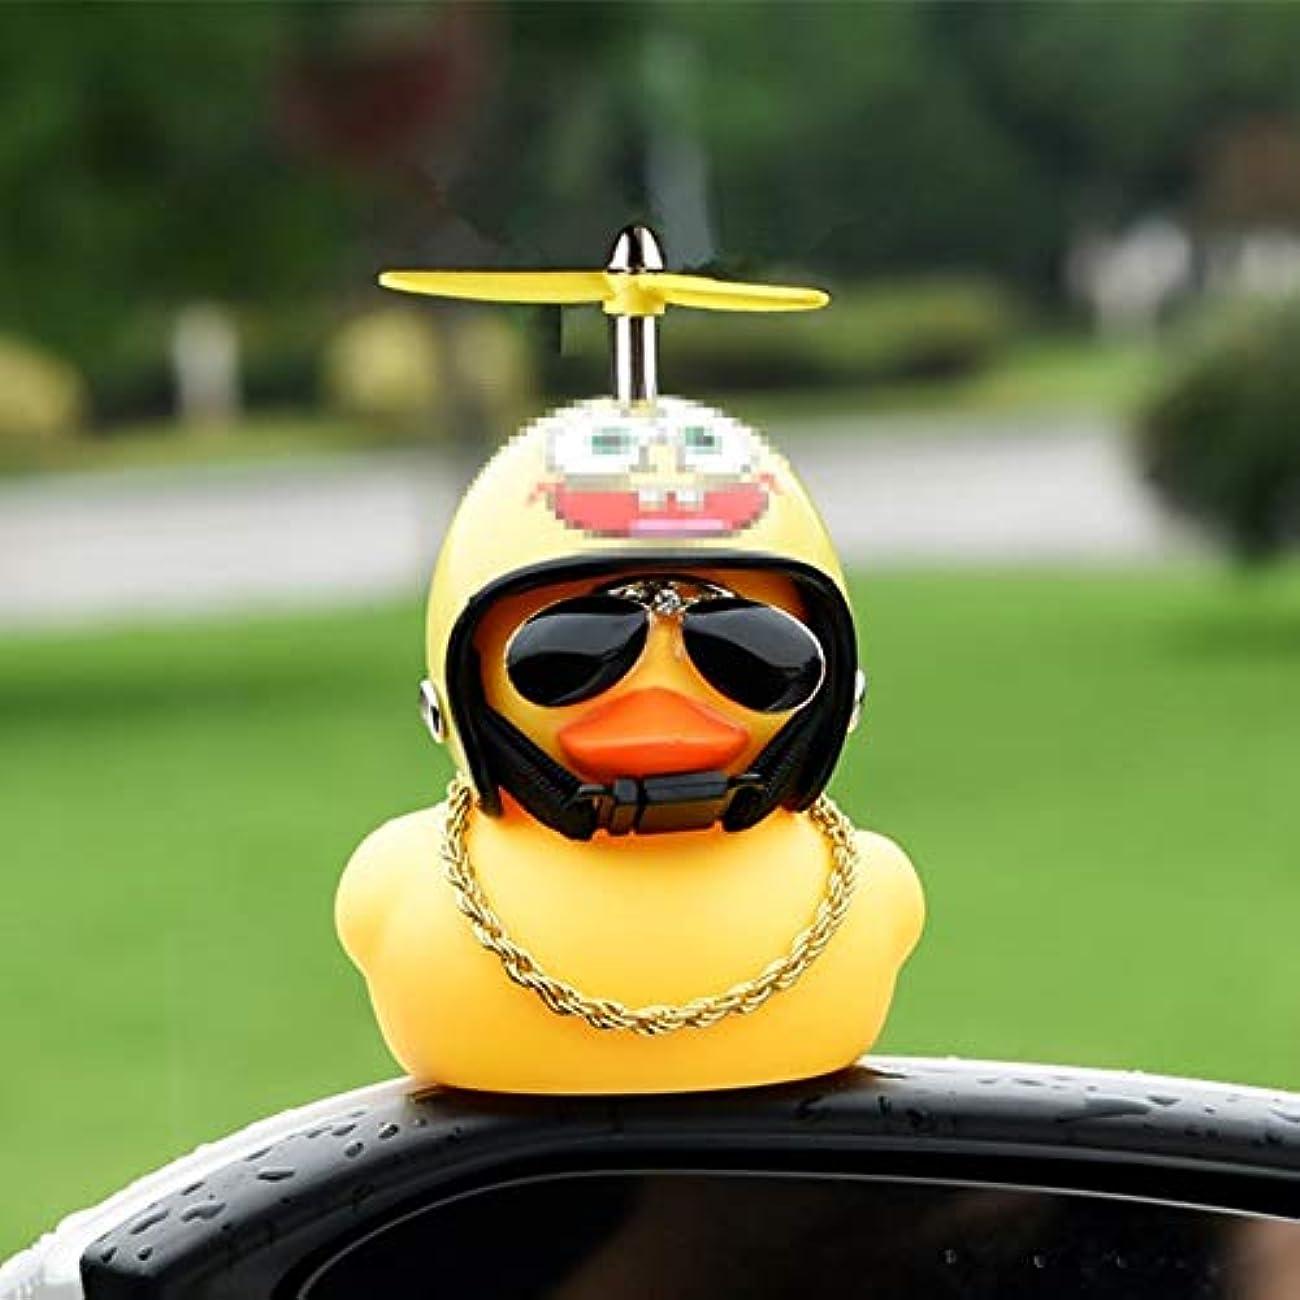 侵入する工場信号Klcclmki 自転車用ベル 自転車用ヘッドライト ベル 黄色いアヒル 竹いかだ 鳴る ホーンライト ヘルメット アヒル型 子供 大人 ナイトライディングフラッシュ かわいい 安全 自転車 オートバイ 装飾(7#)